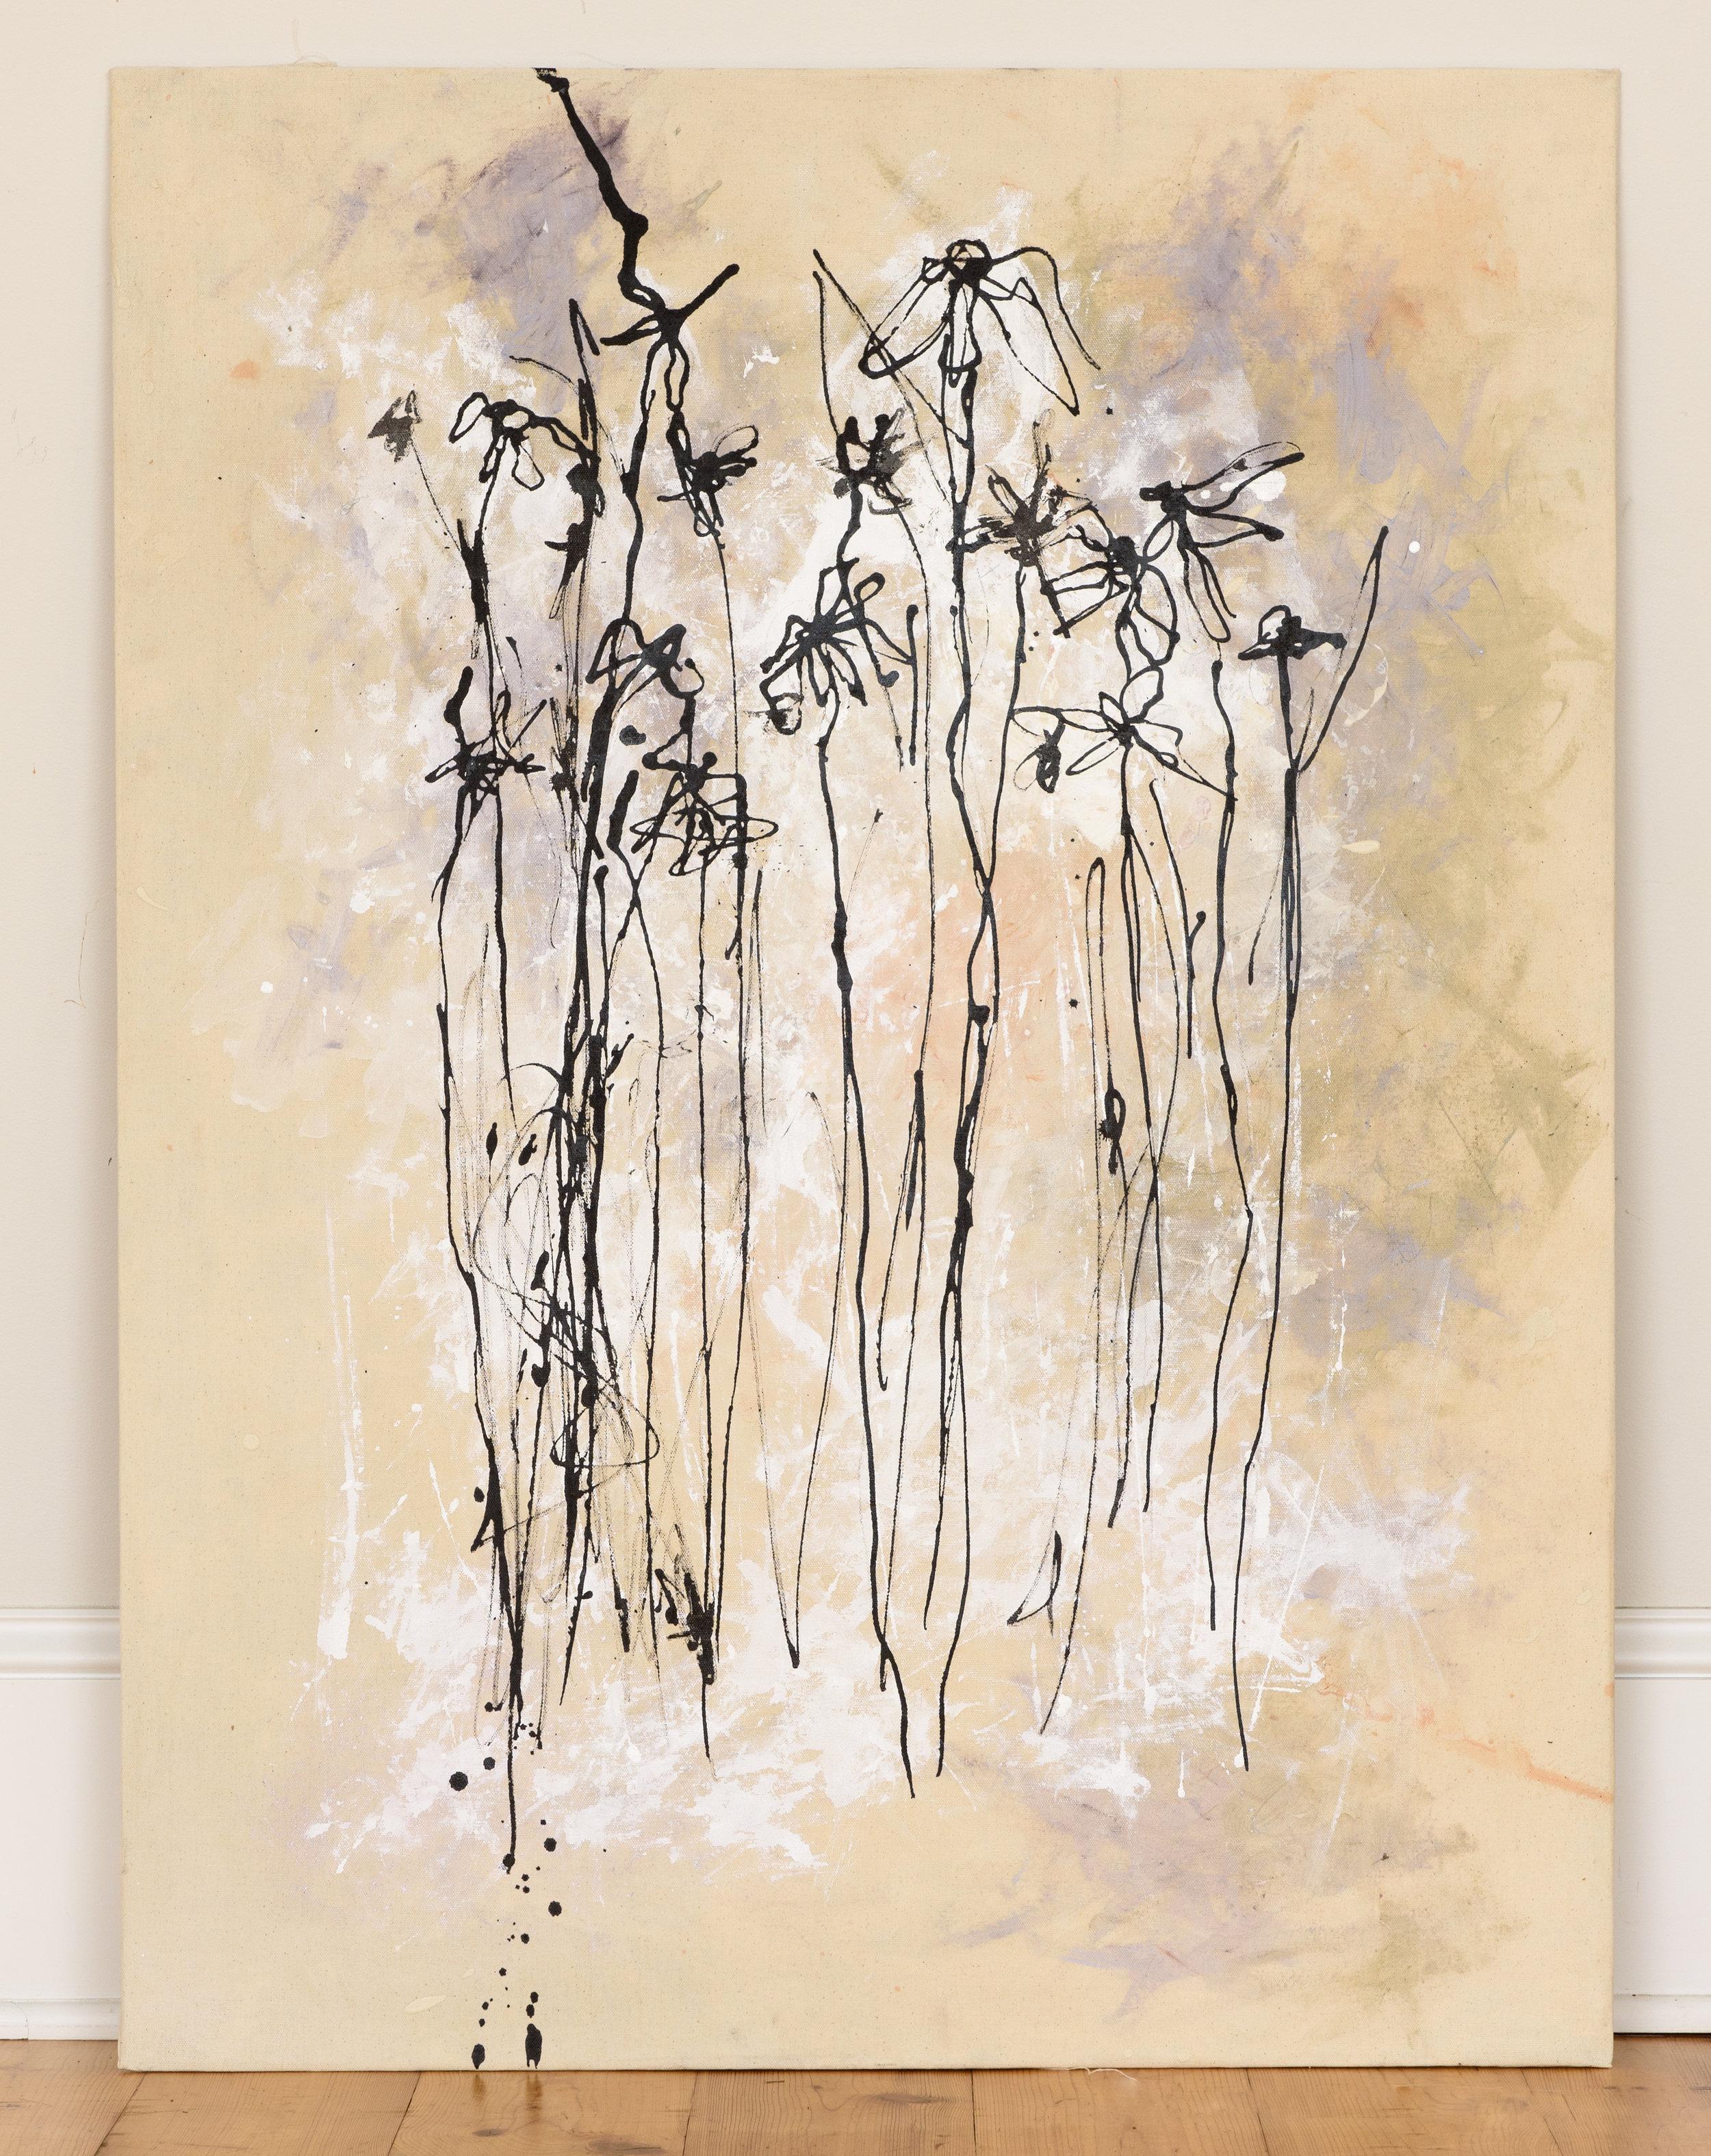 Toxic Flowers 1, 2006